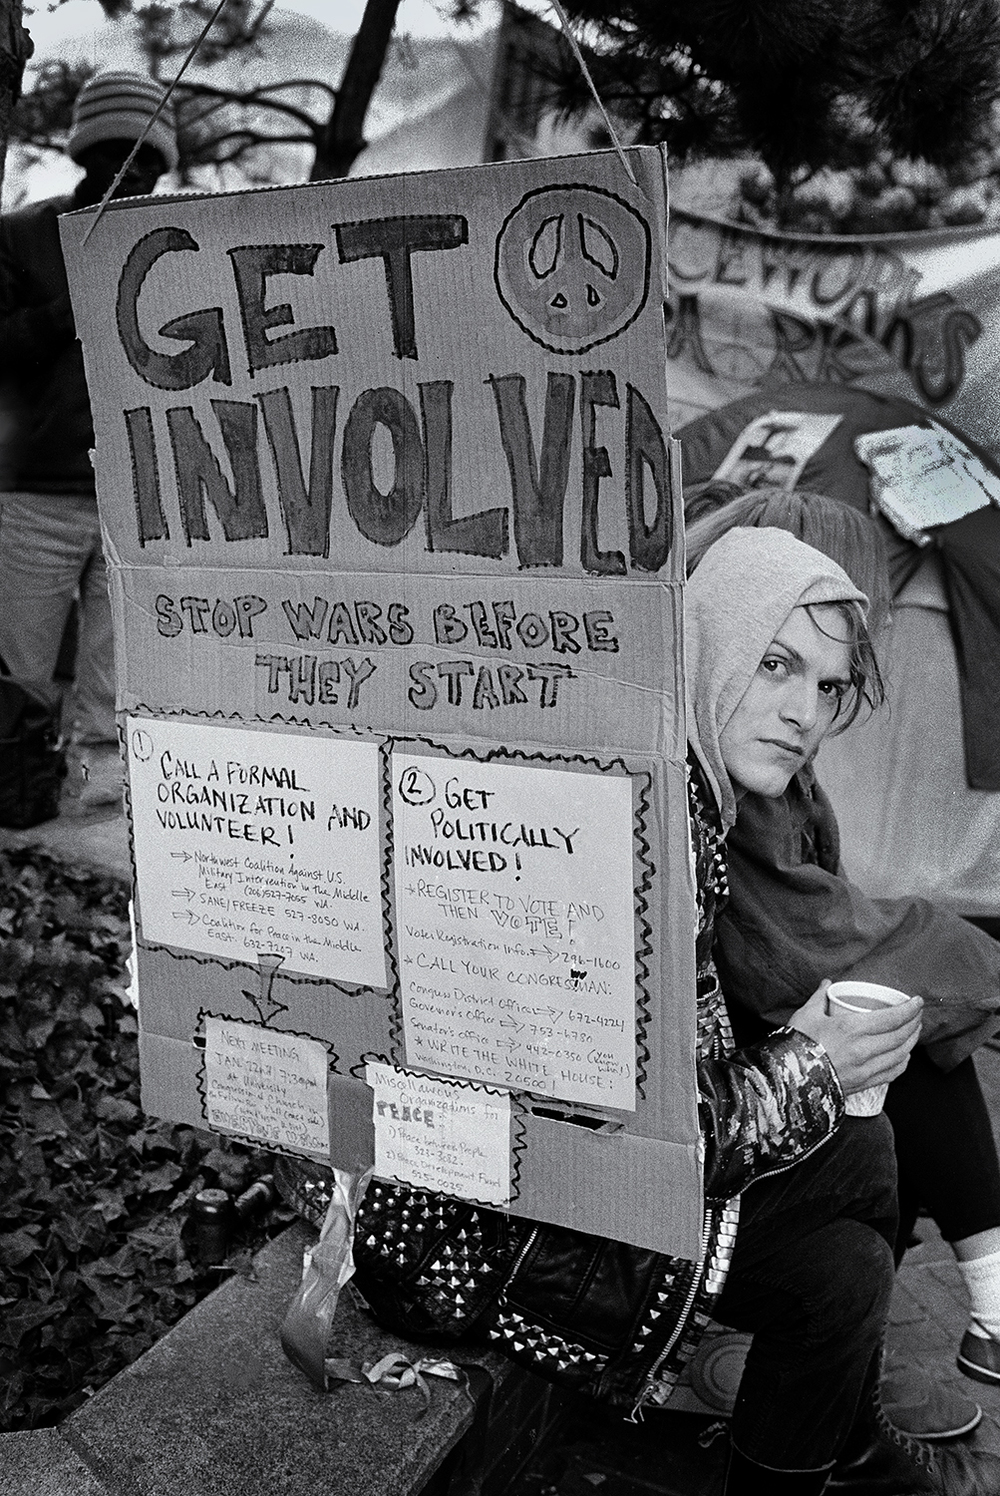 Get Involved.jpg